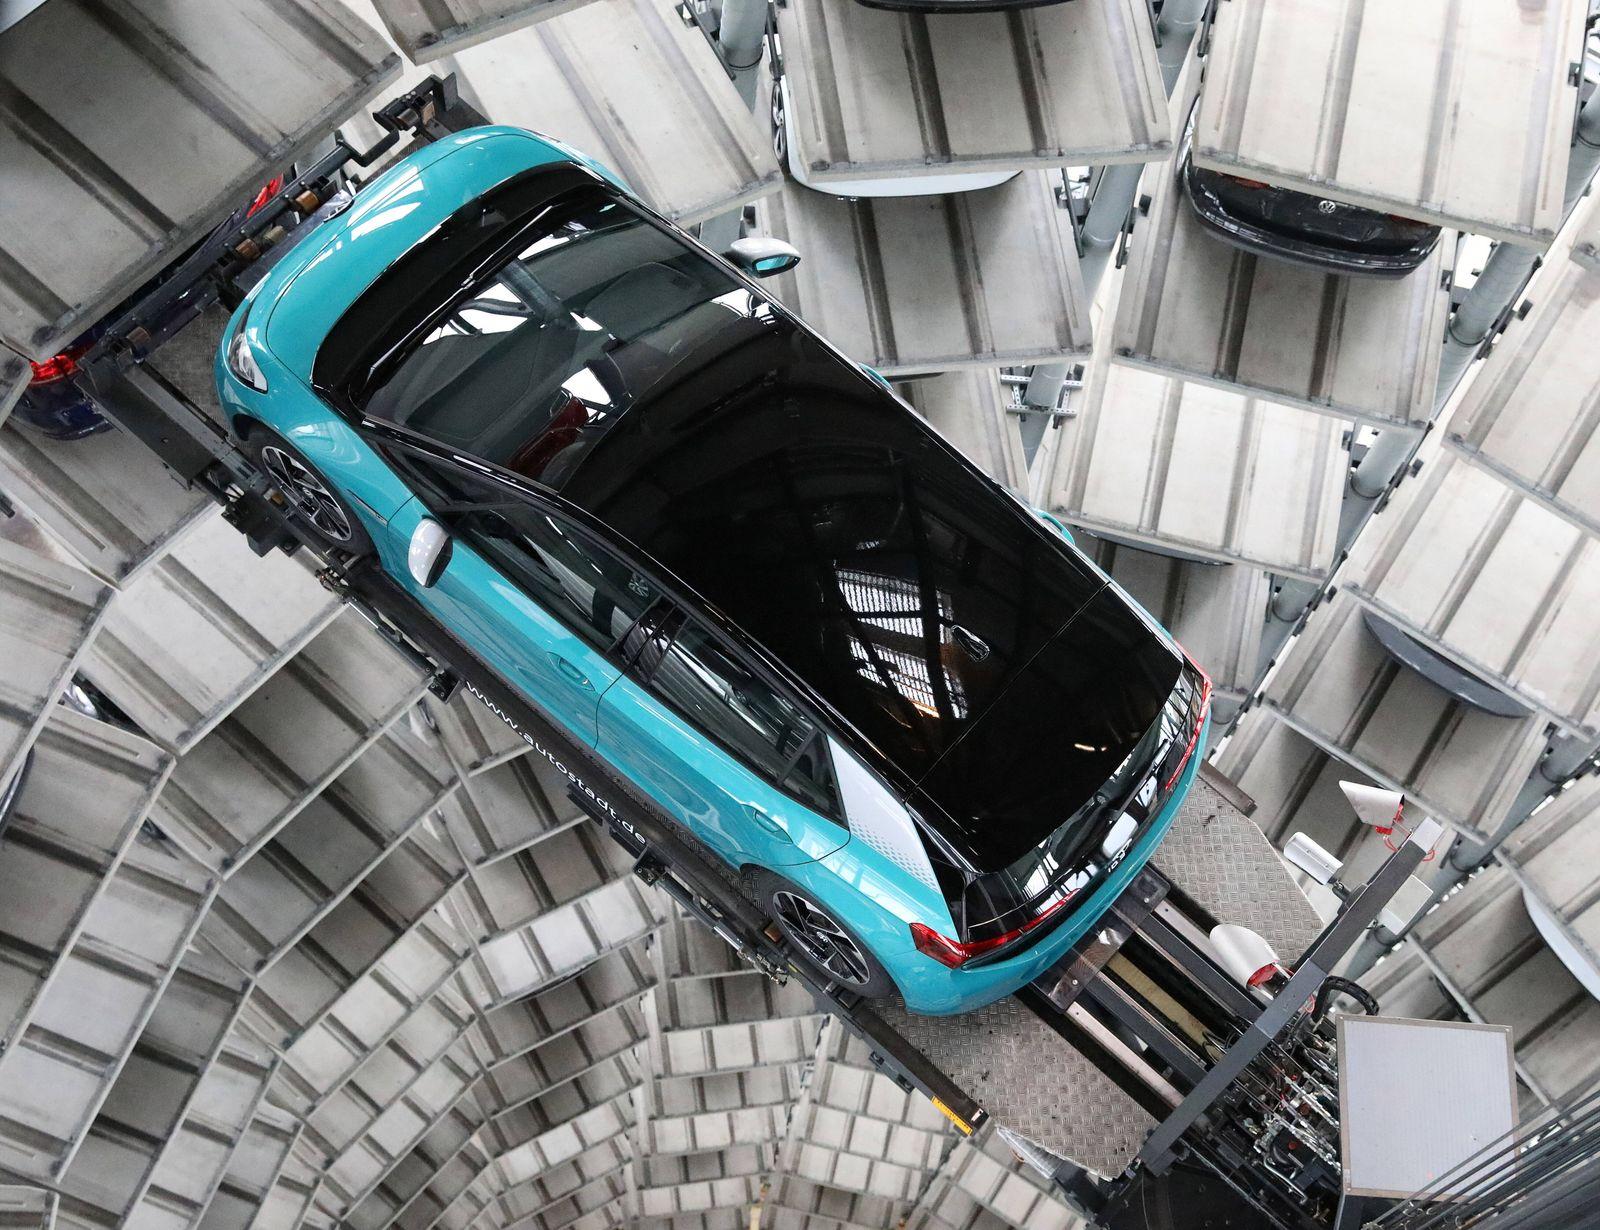 Niedersachsen Wolfsburg, 26.10.2020, Autostadt, VW Turmshooting mit dem vollelektrischen VW ID.3 und VW ID.4. *** Lower